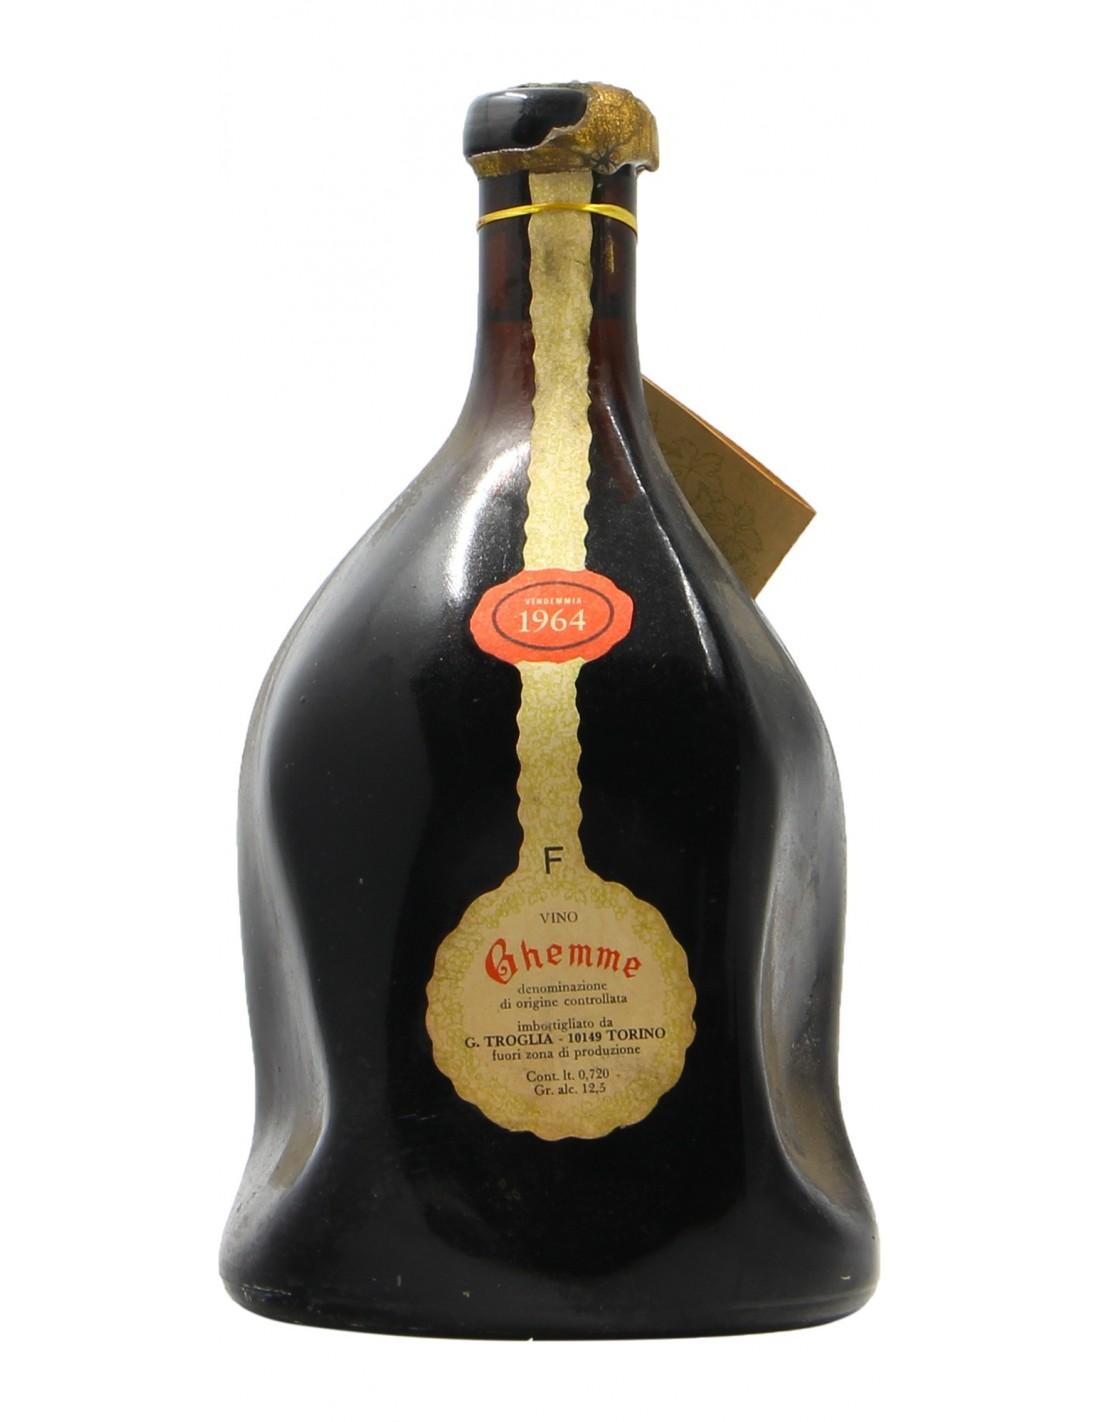 GHEMME VIGNETO PINTA 1964 TROGLIA Grandi Bottiglie